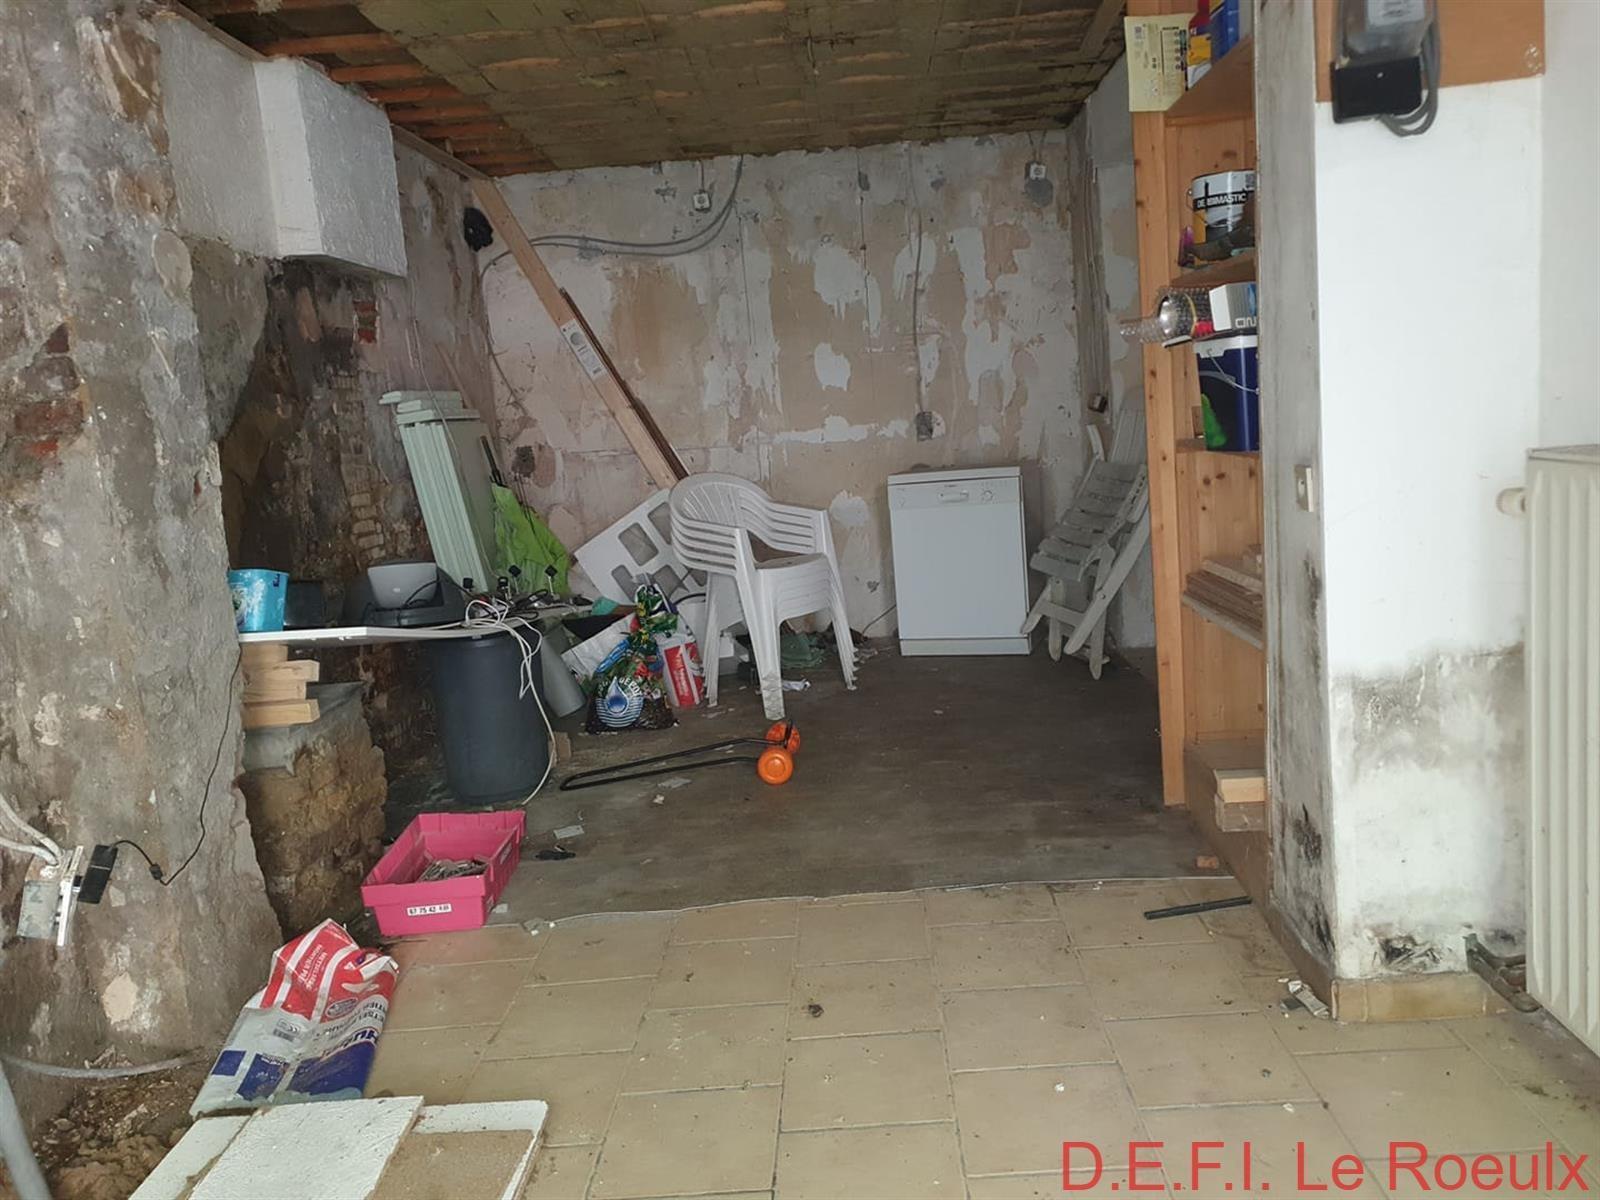 Maison - Le Roeulx - #4444515-14